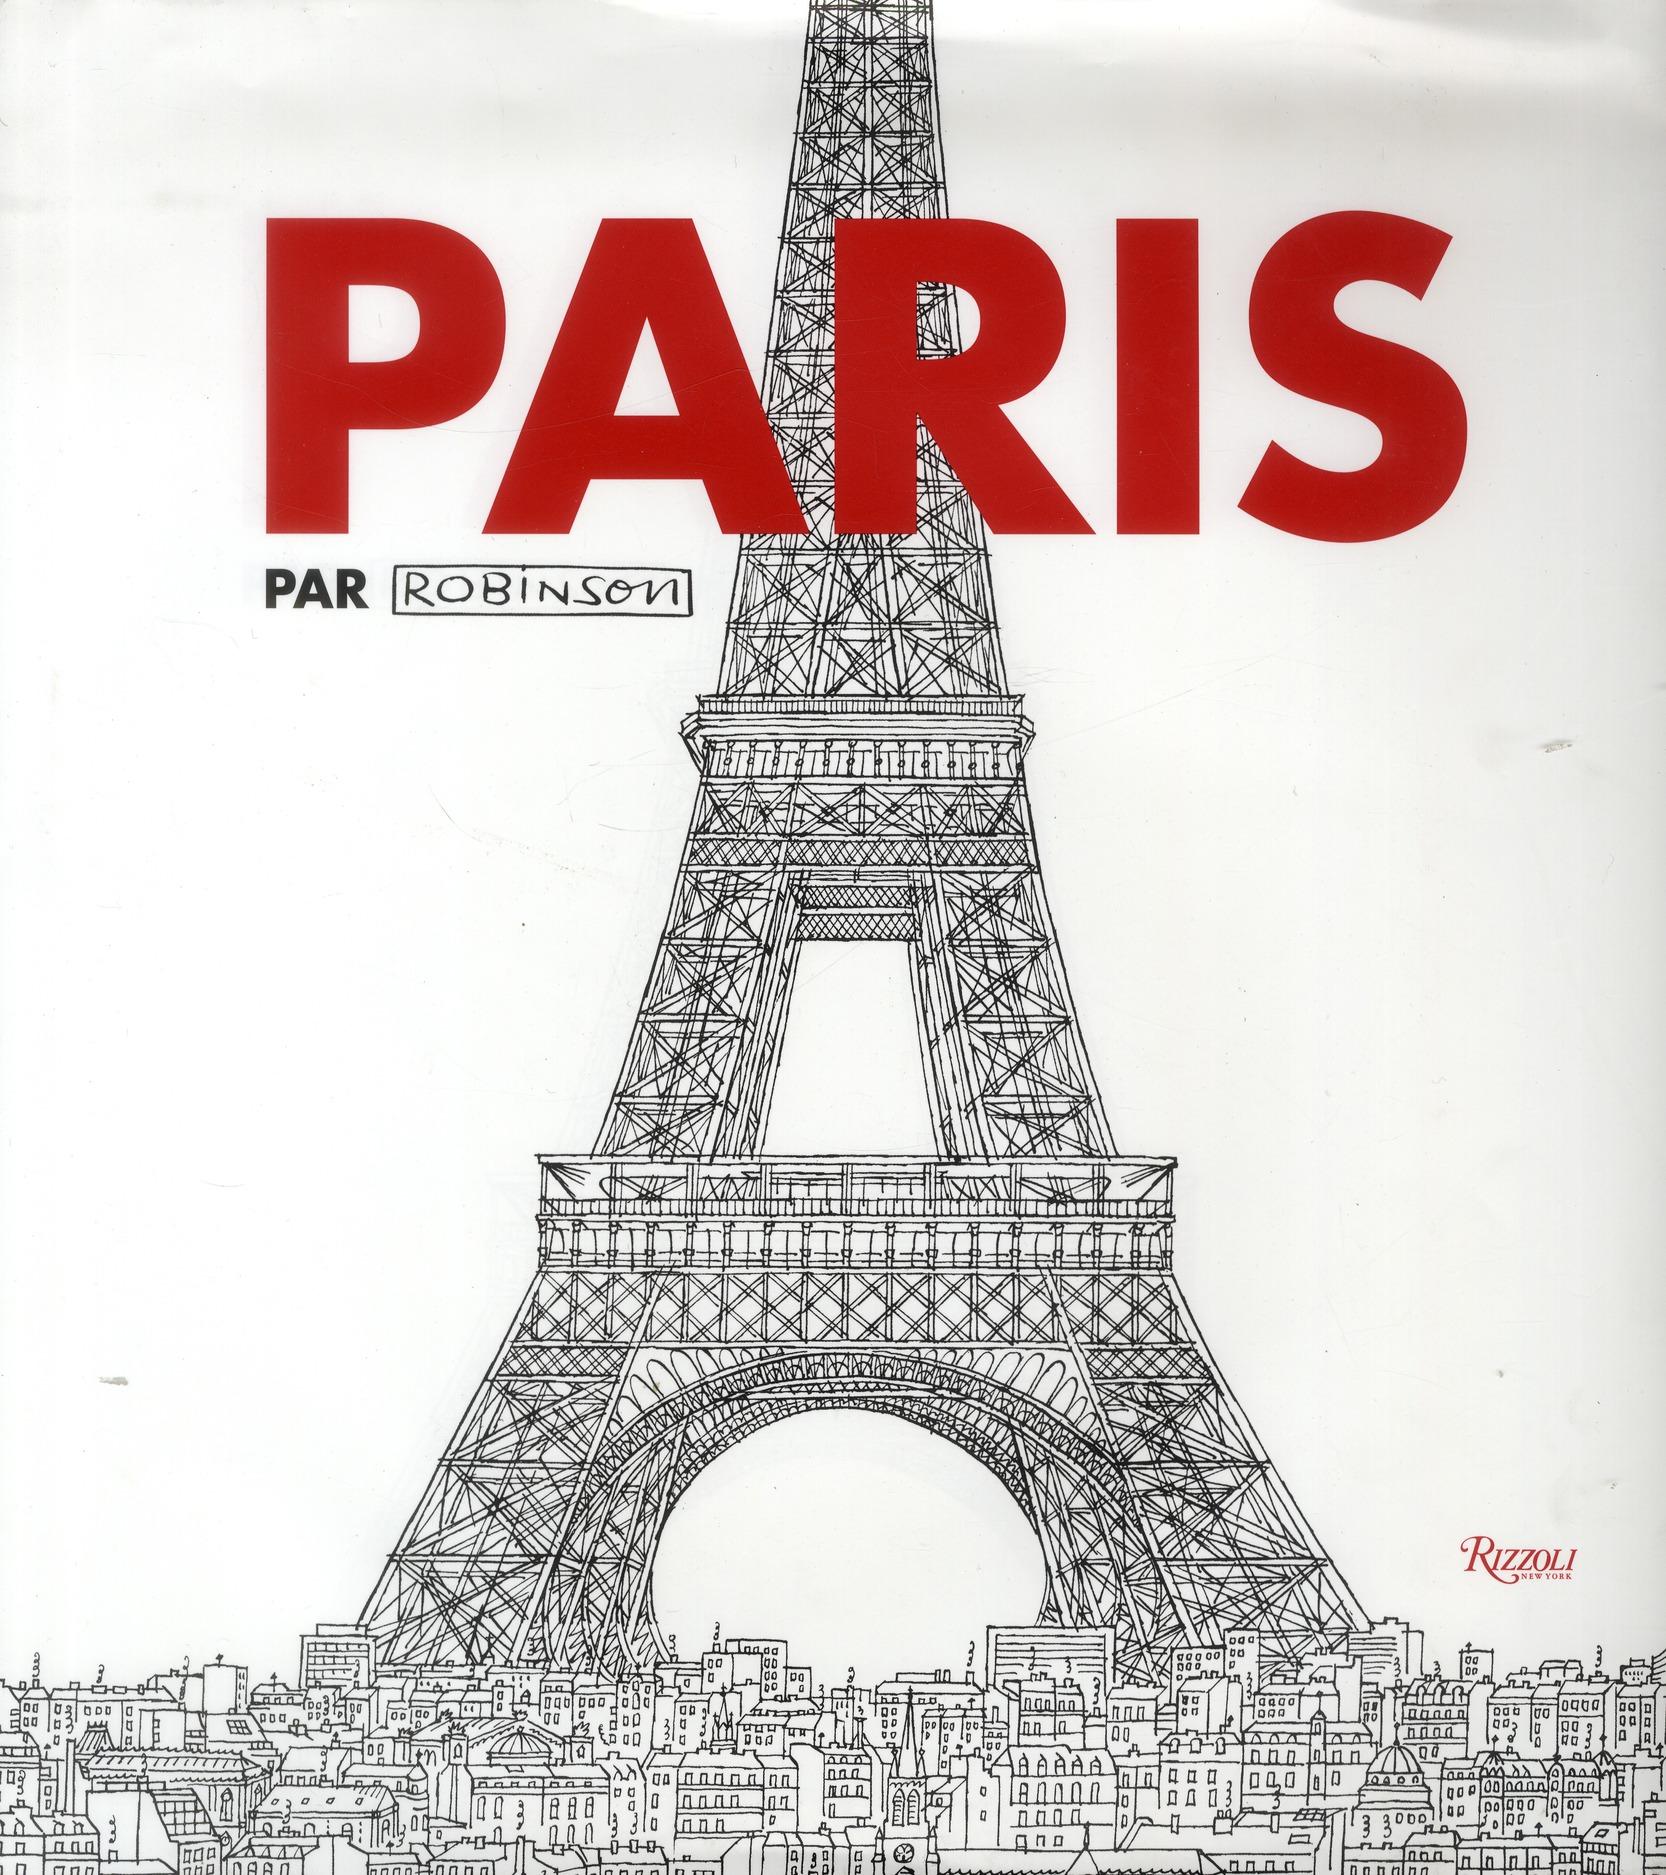 Paris par Robinson